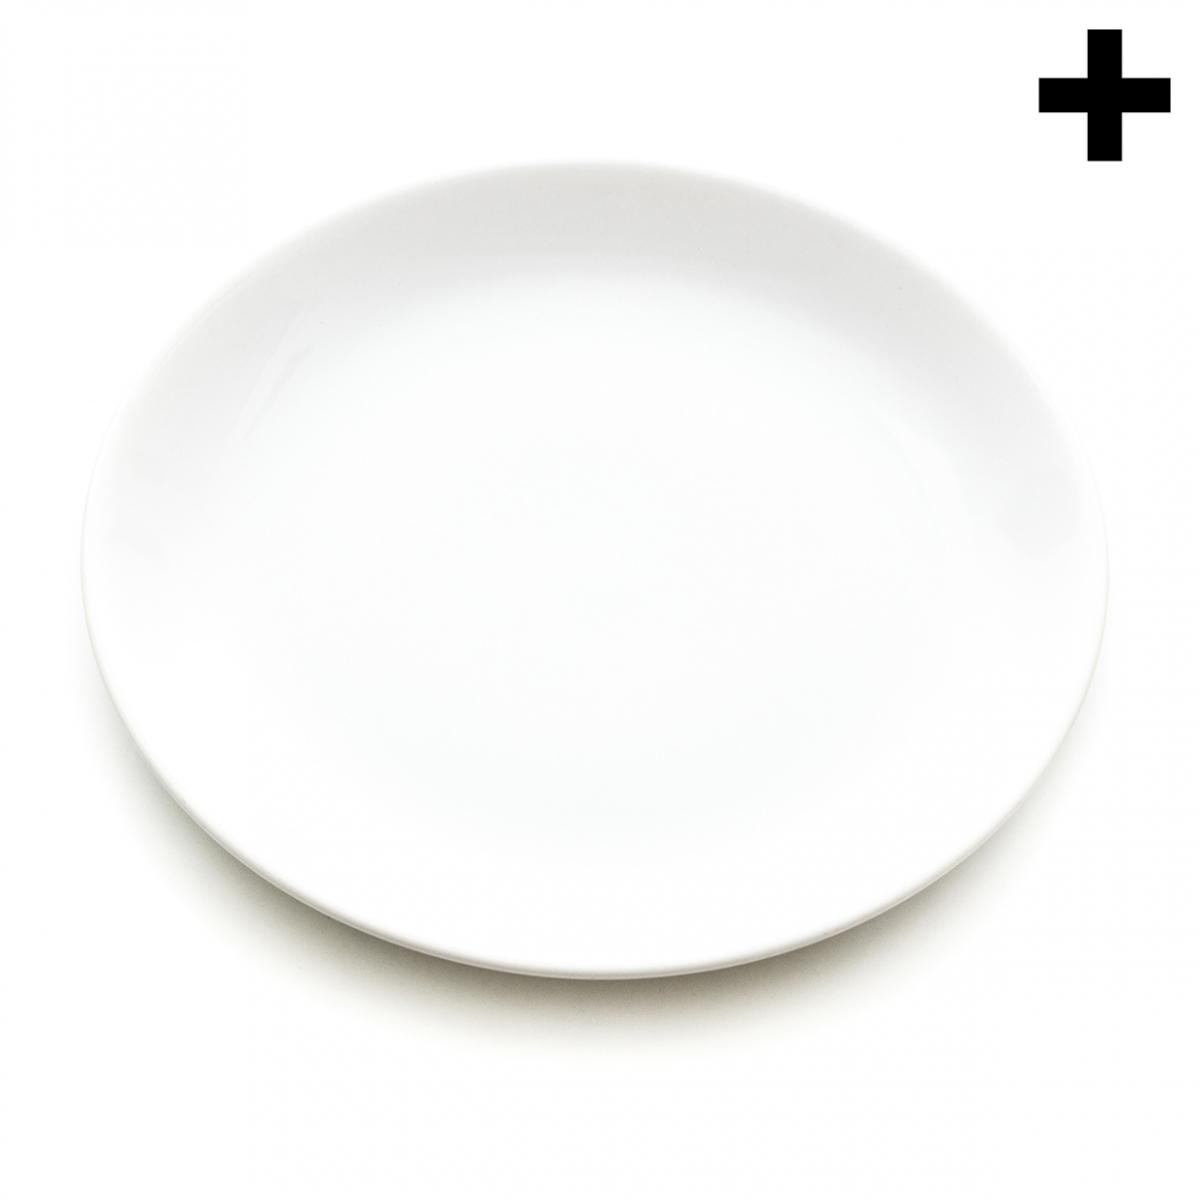 Imagen en la que se ve un plato blanco llano